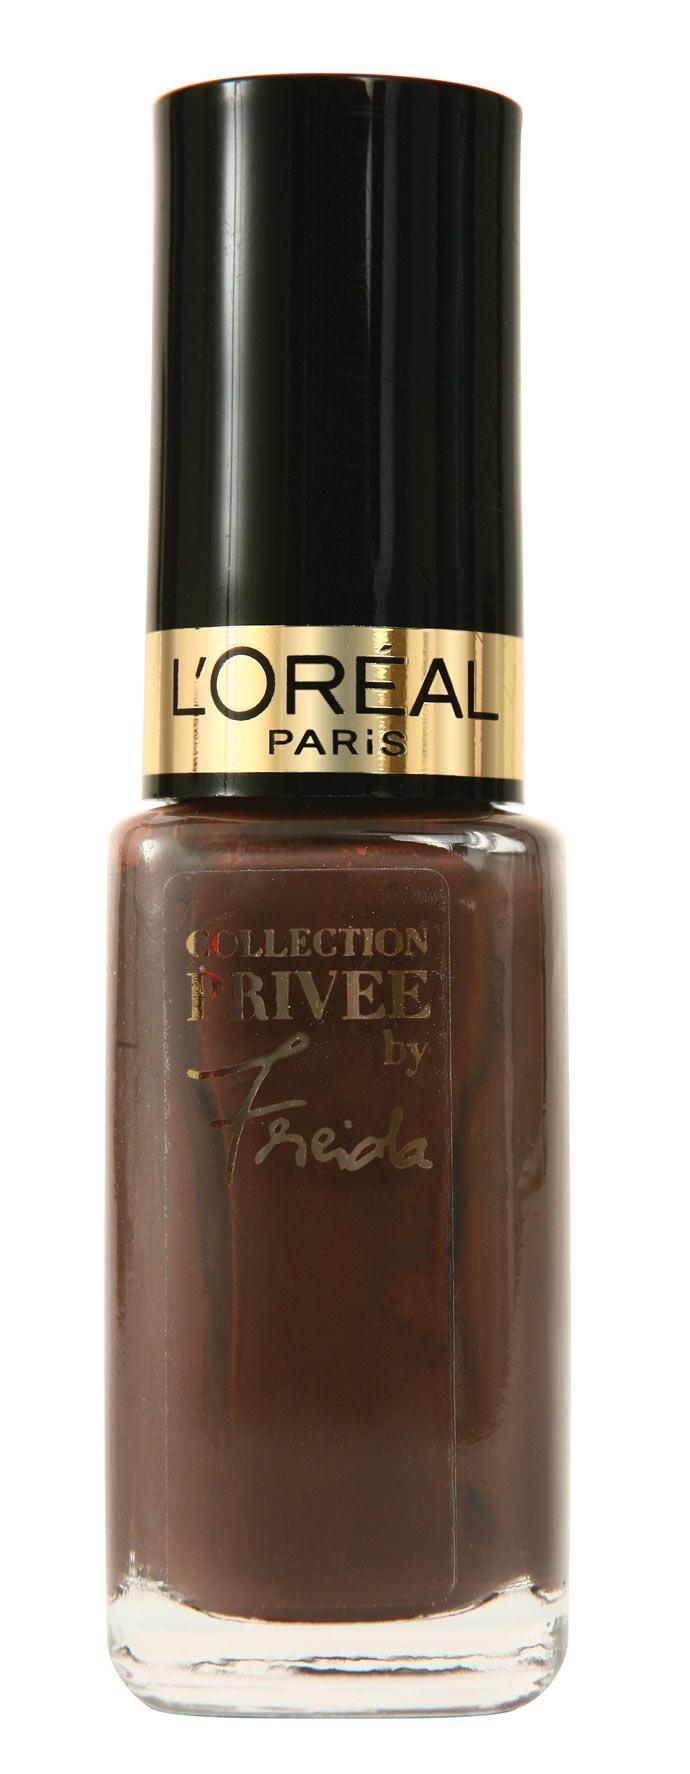 L'Oreal Paris Collection Privee ojă Freida